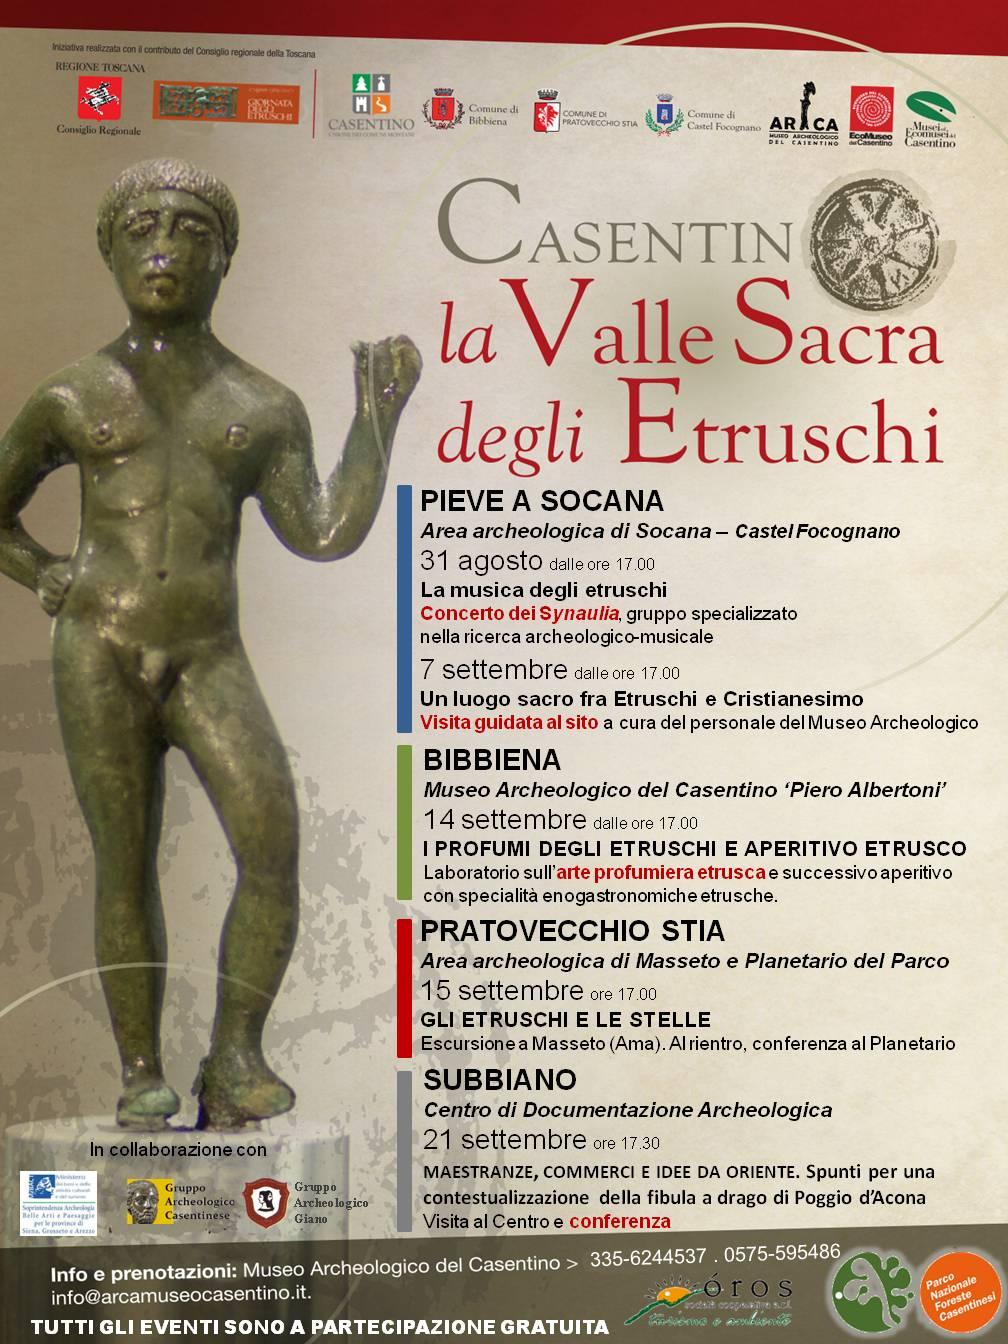 Casentino. La Valle Sacra degli Etruschi